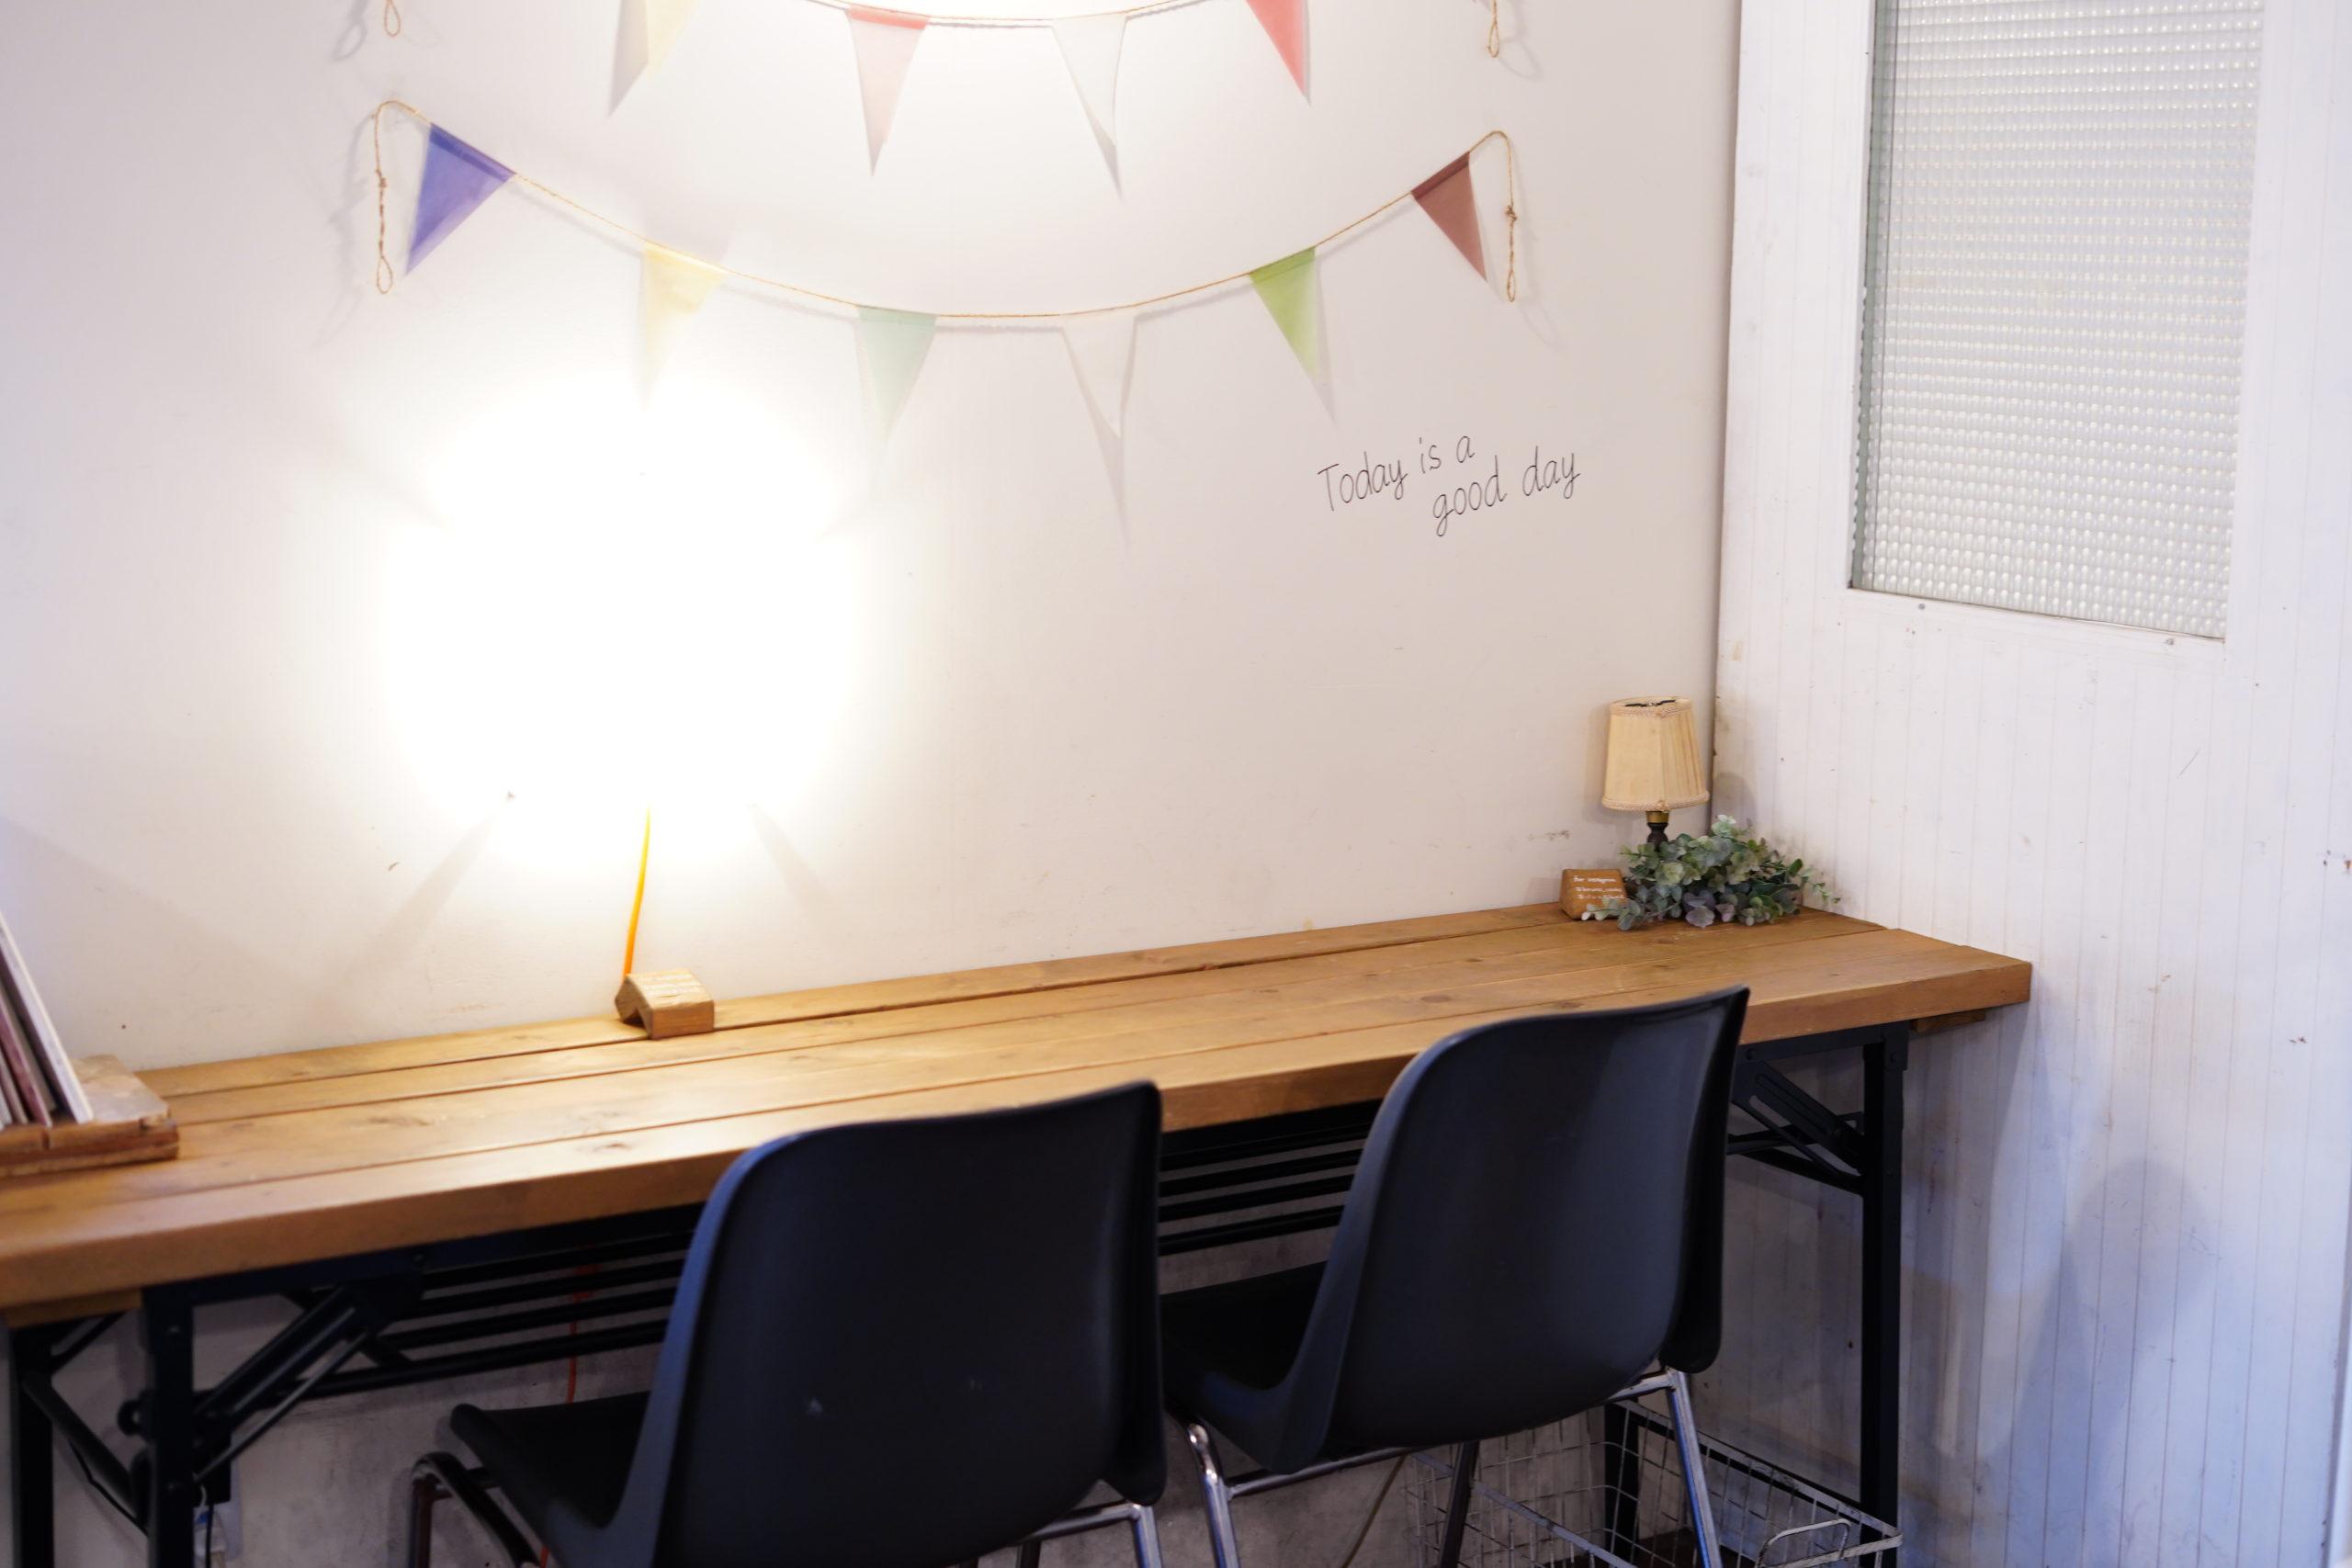 パンとカフェの店BRUNOさんのカフェスペース(壁側)